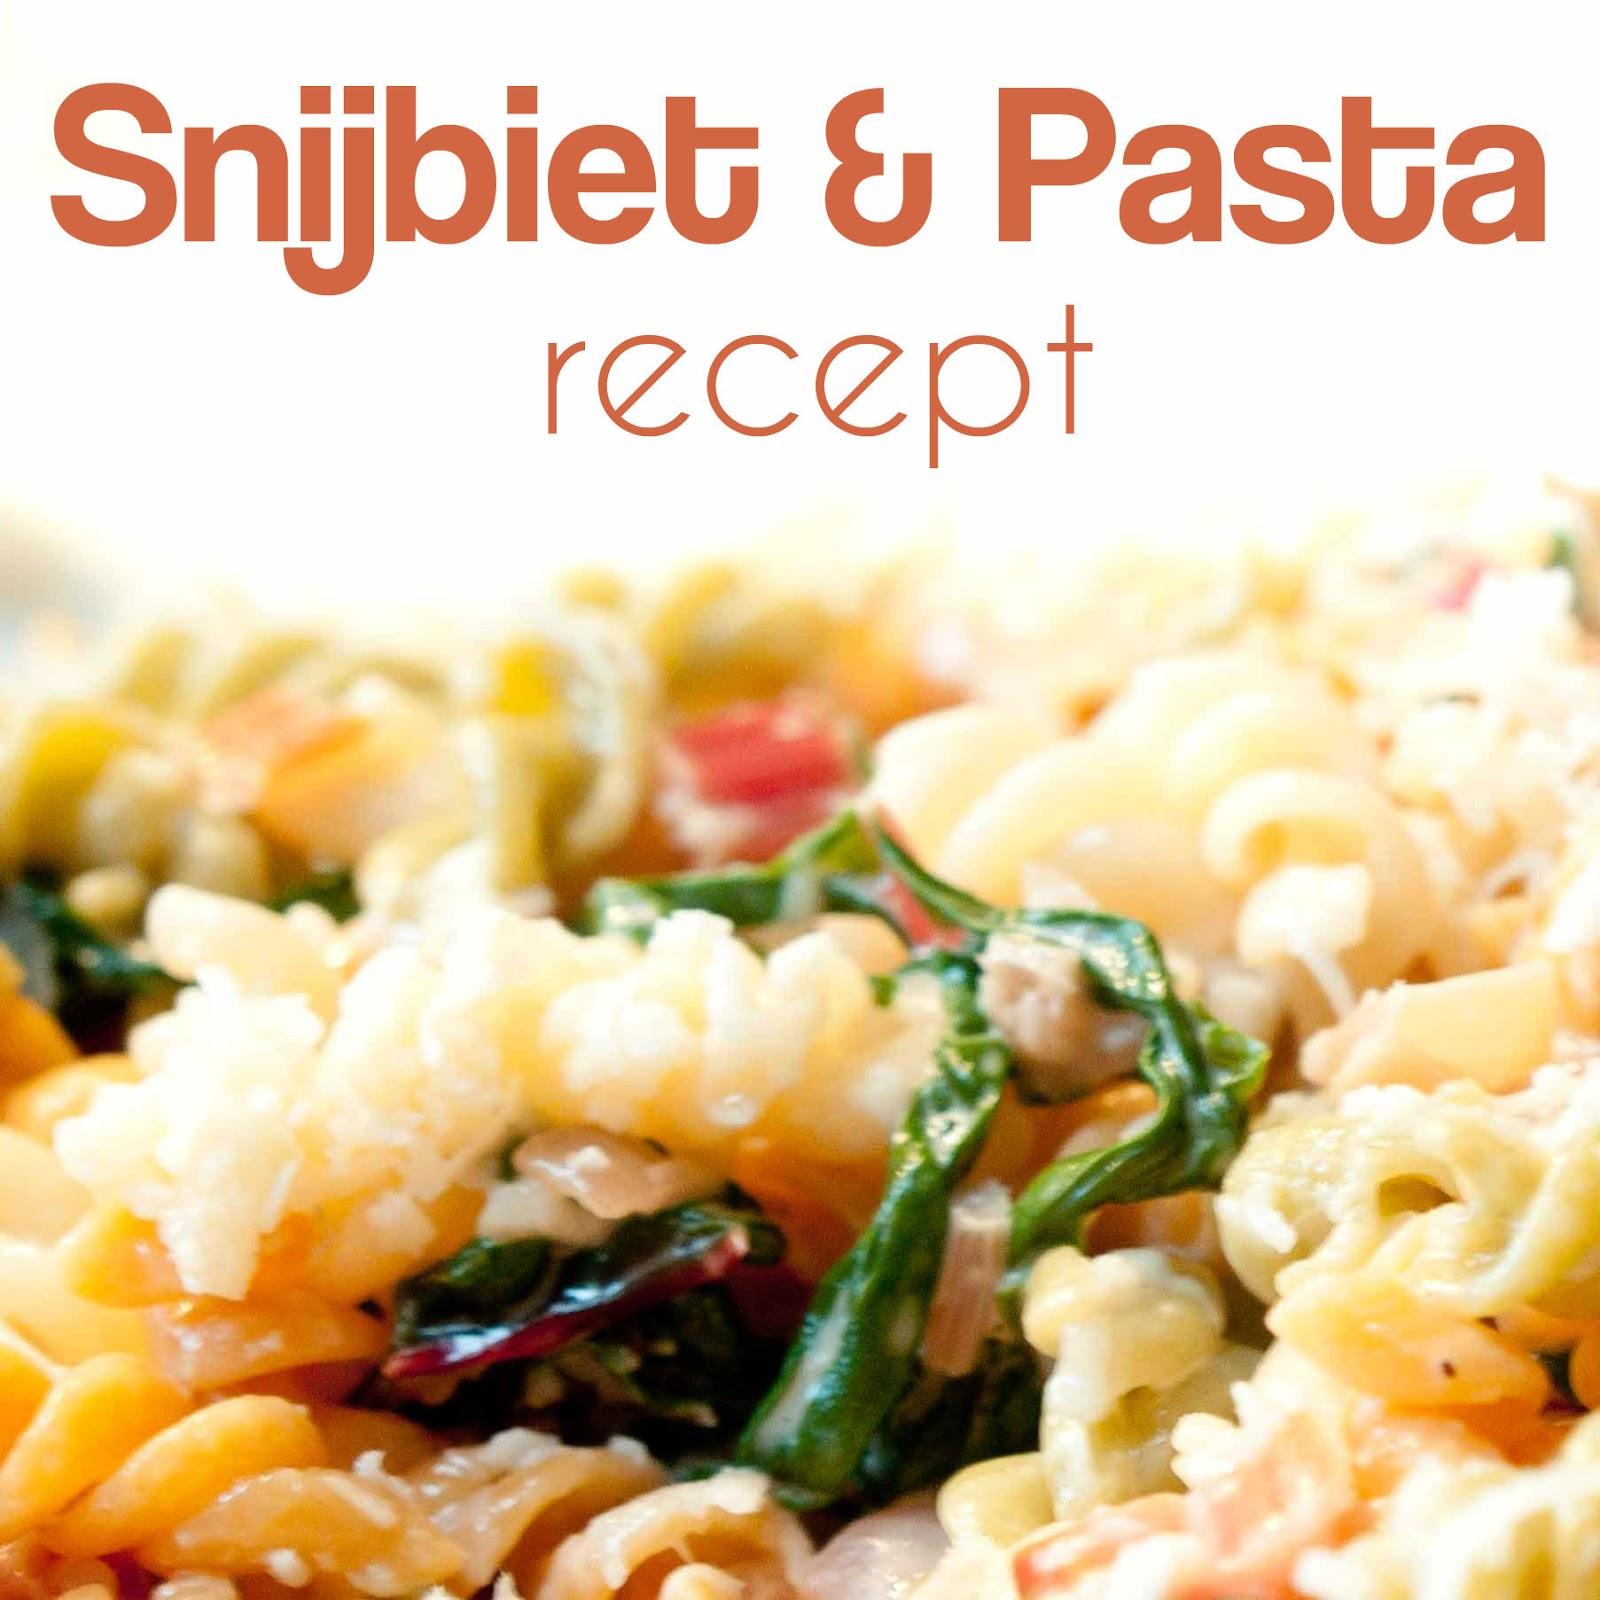 recept snijbiet pasta